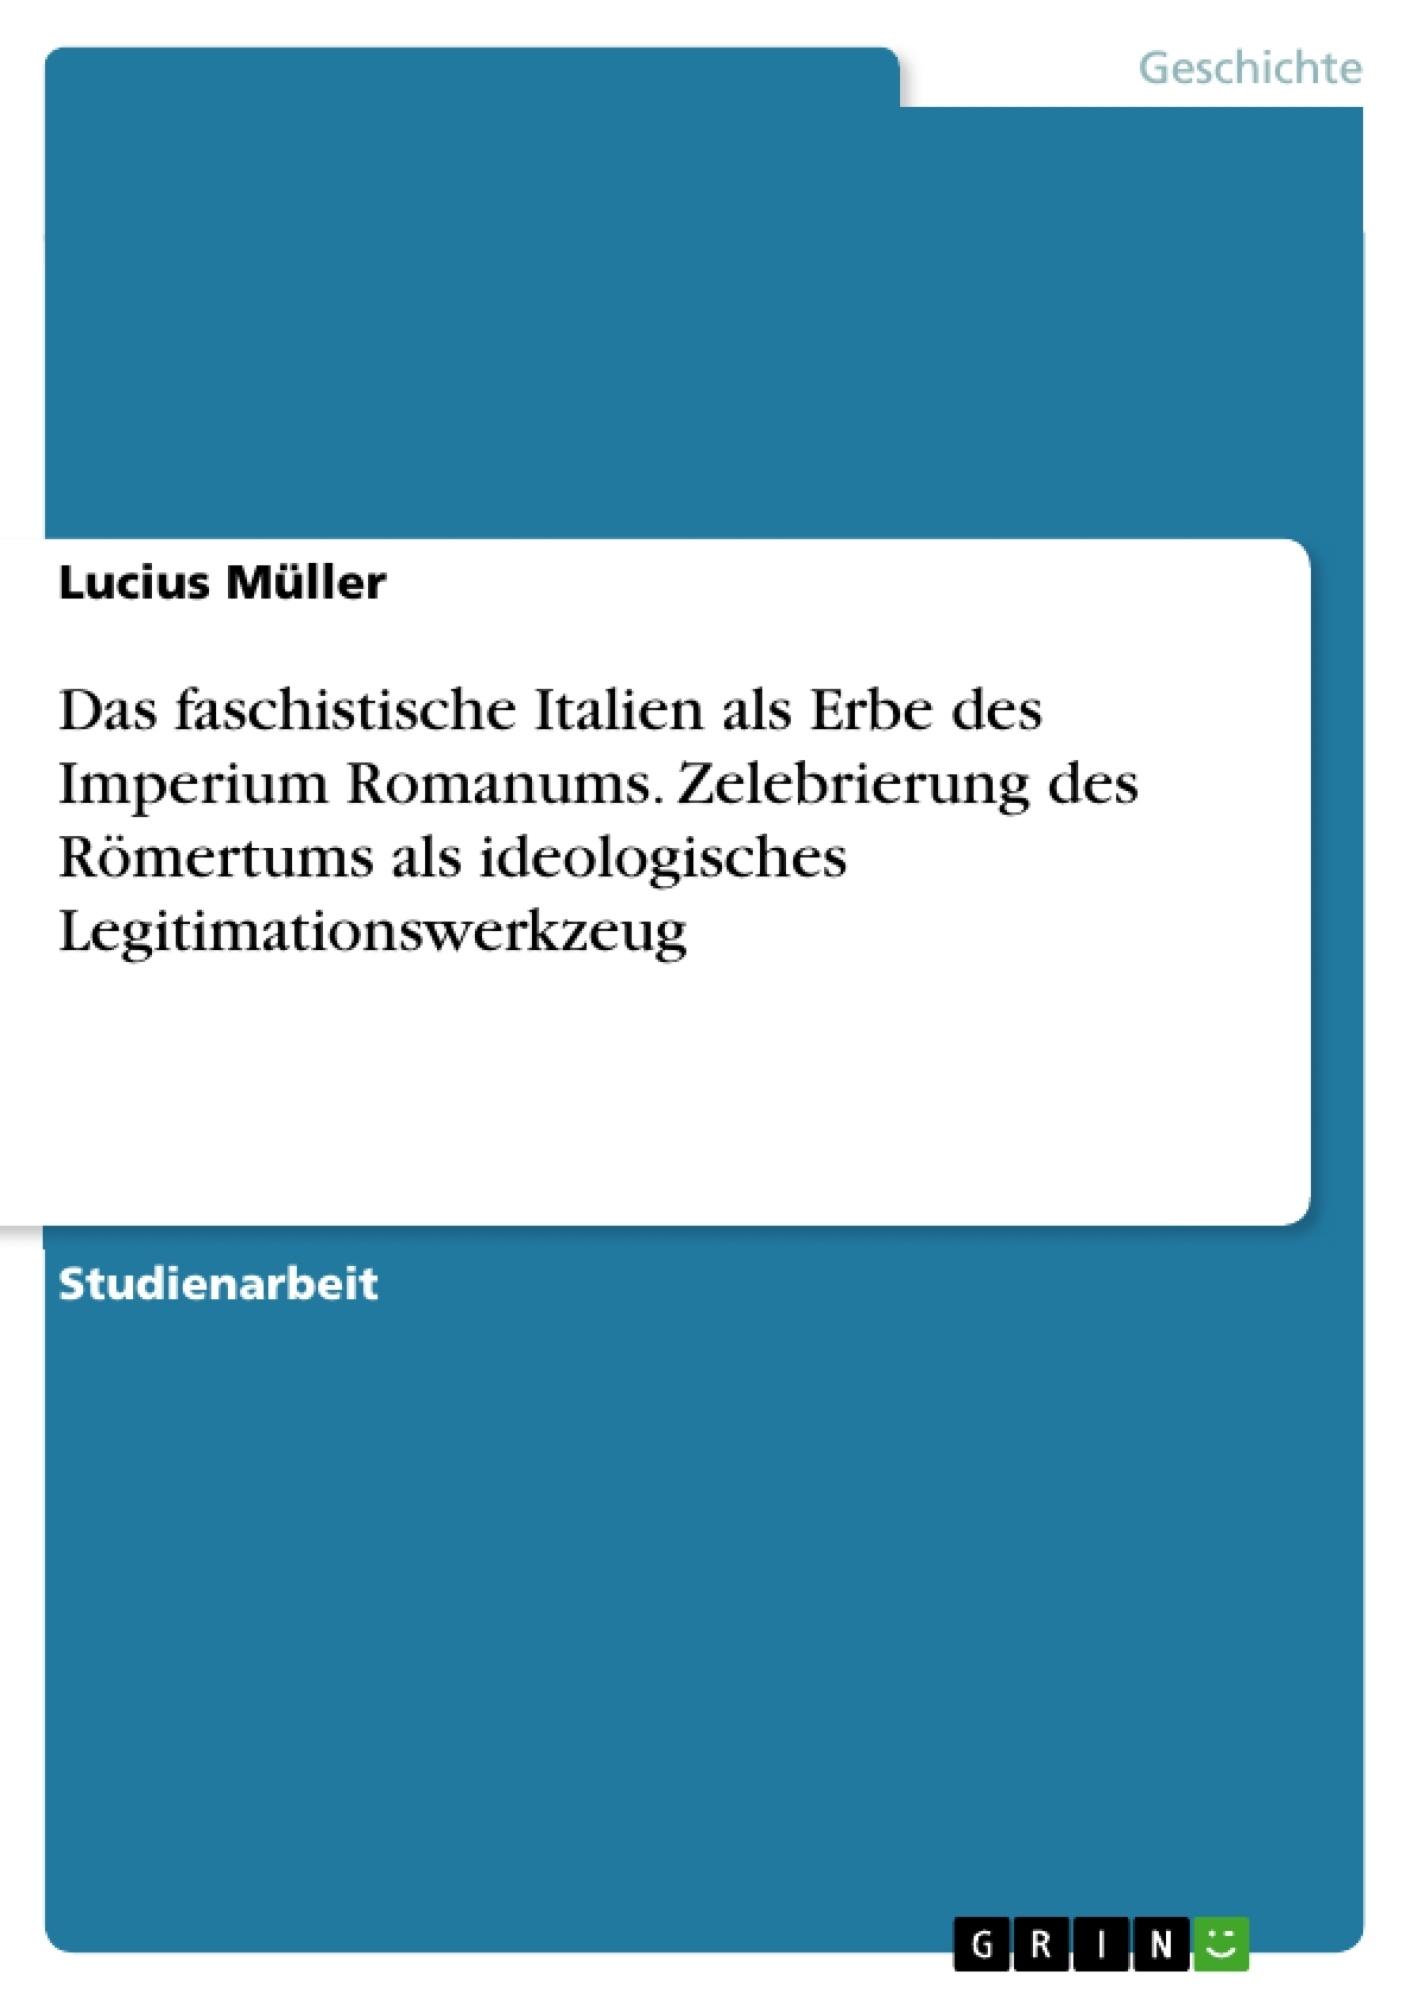 Titel: Das faschistische Italien als Erbe des Imperium Romanums. Zelebrierung des Römertums als ideologisches Legitimationswerkzeug